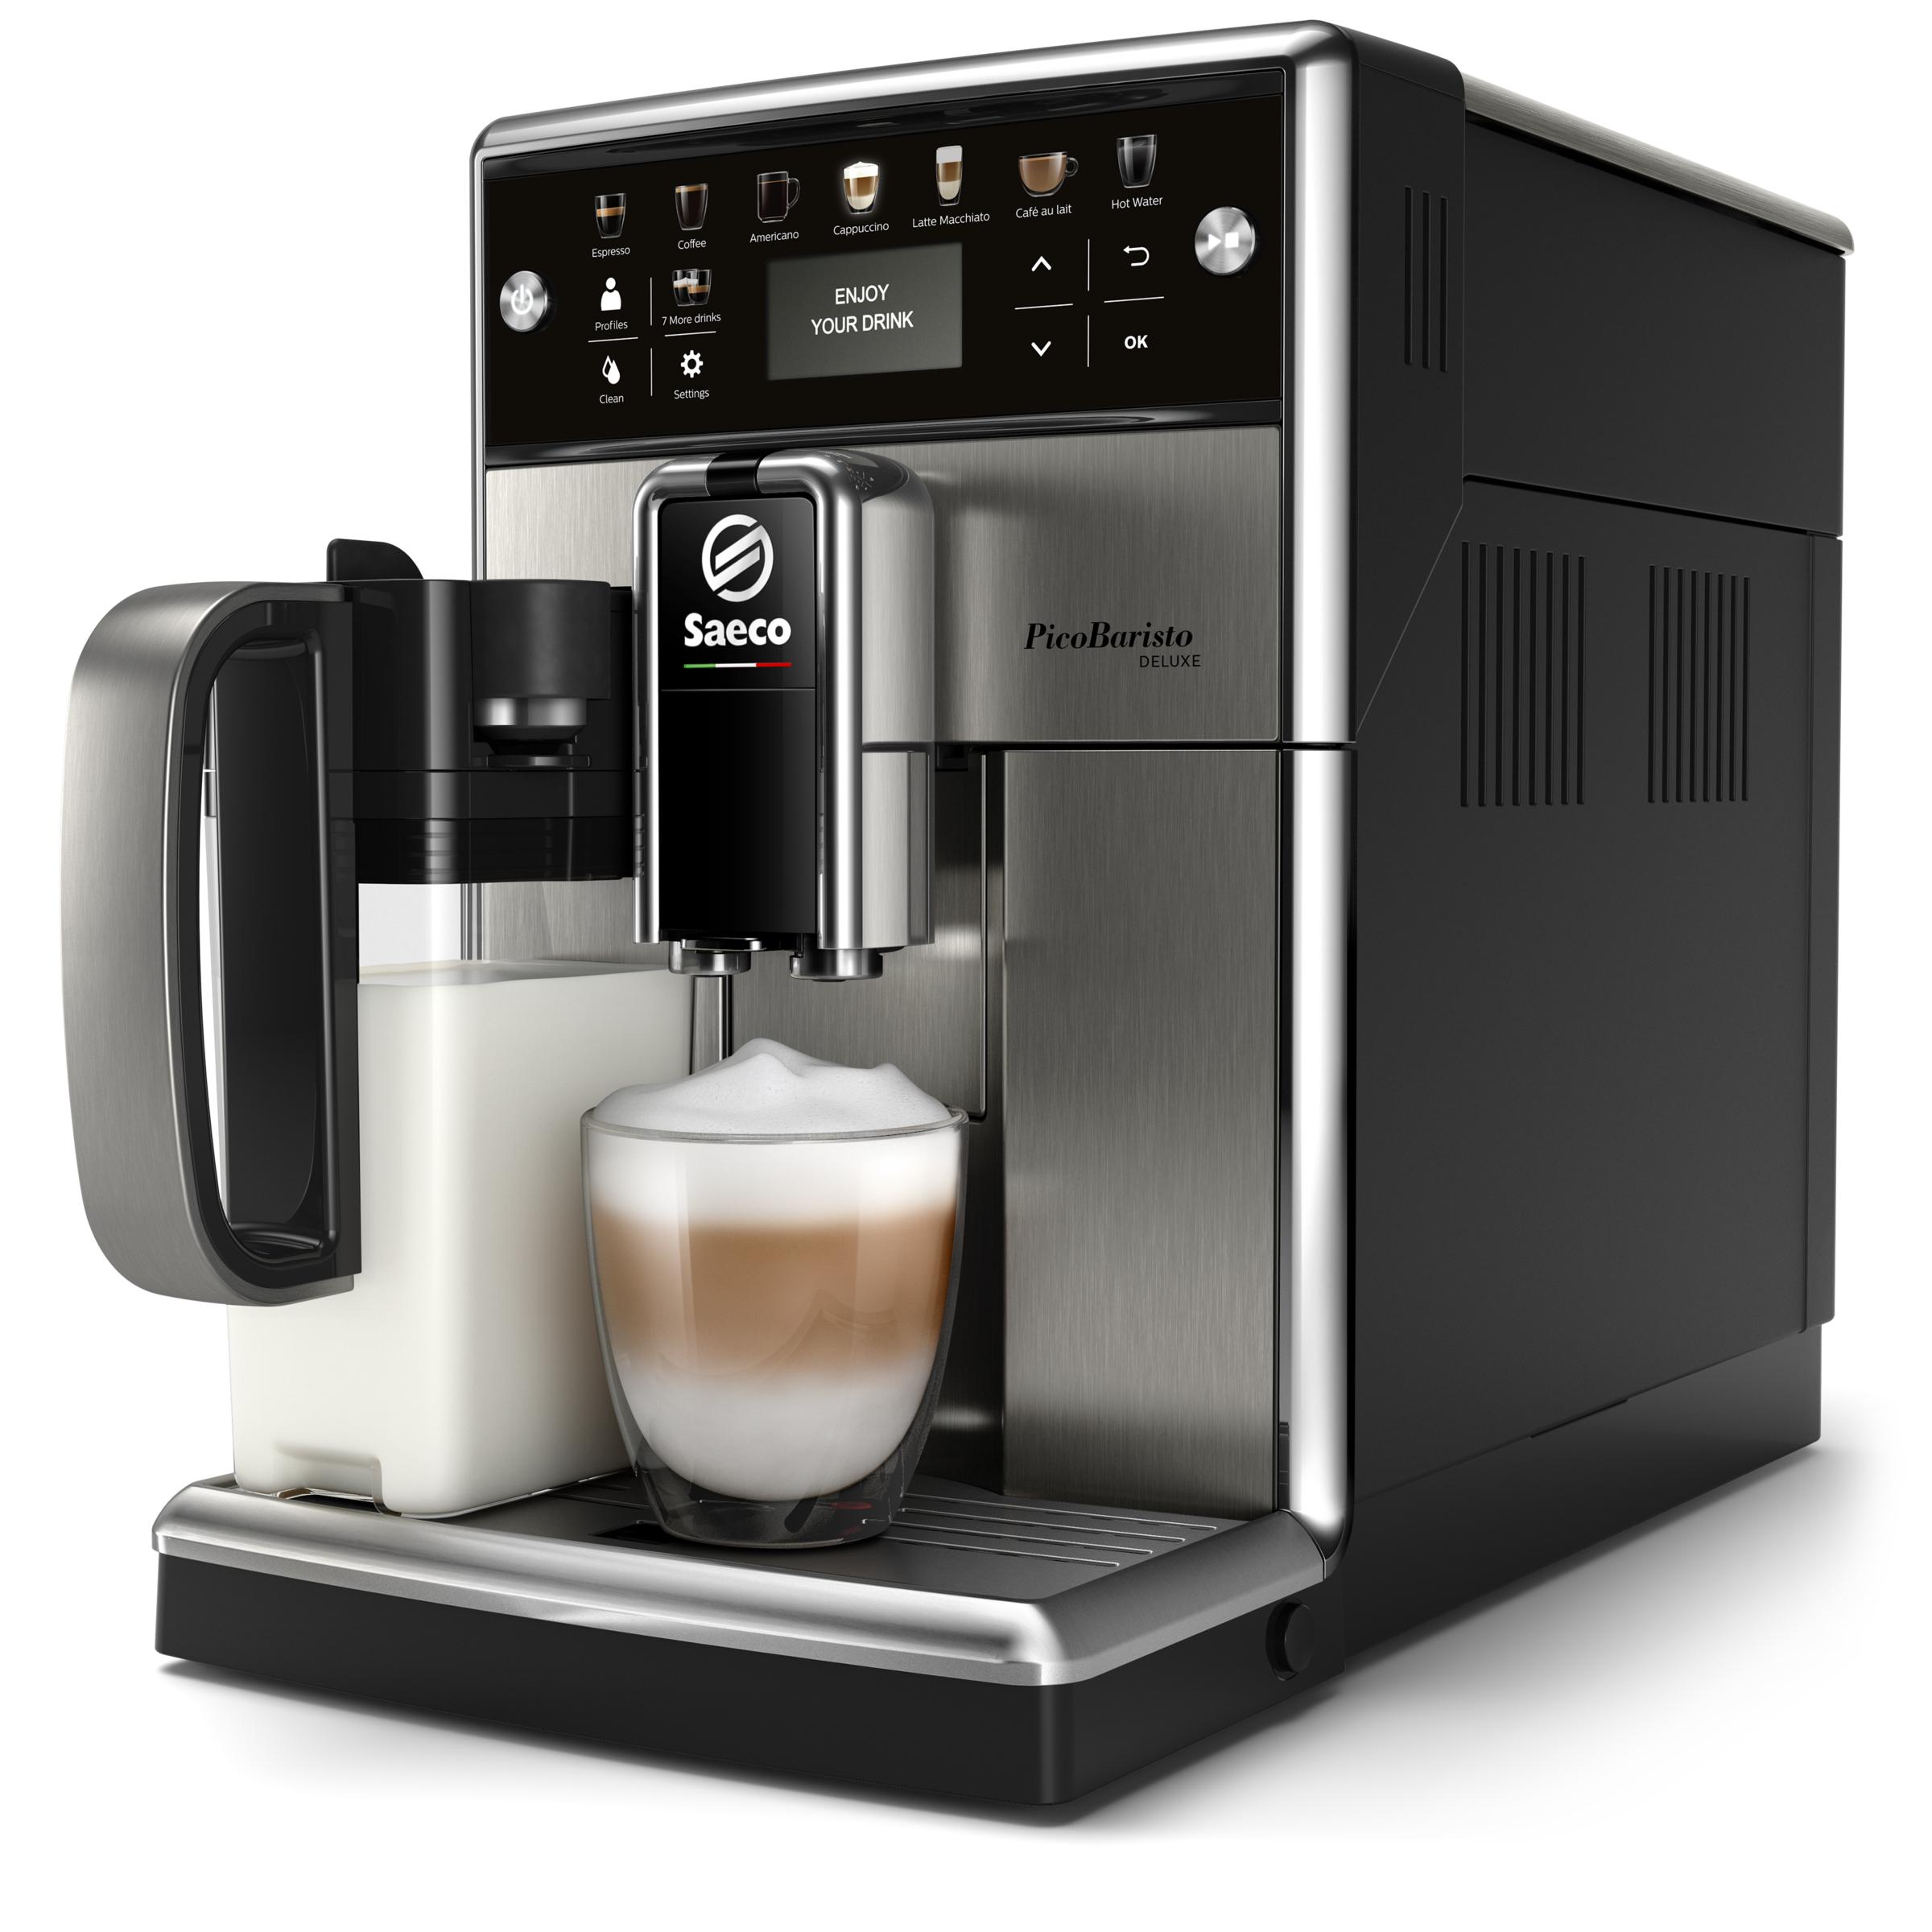 <h1>Saeco Kaffeevollautomat PicoBaristo Deluxe SM5573/10</h1><h3 style='font-size: 20px; margin: 0px 0px 15px 0px;'> -Mit intuitivem Touchdisplay und Keramik-Scheibenmahlwerk</h3>